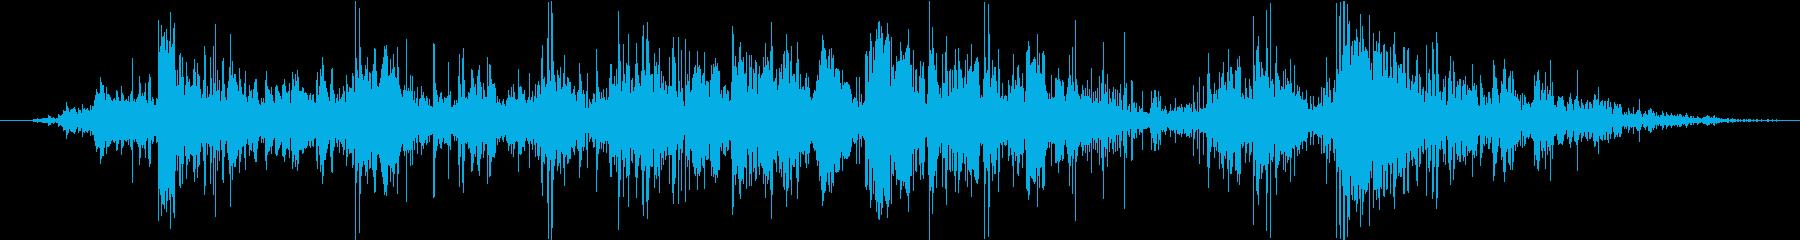 アイスゴーレム 中圧03の再生済みの波形